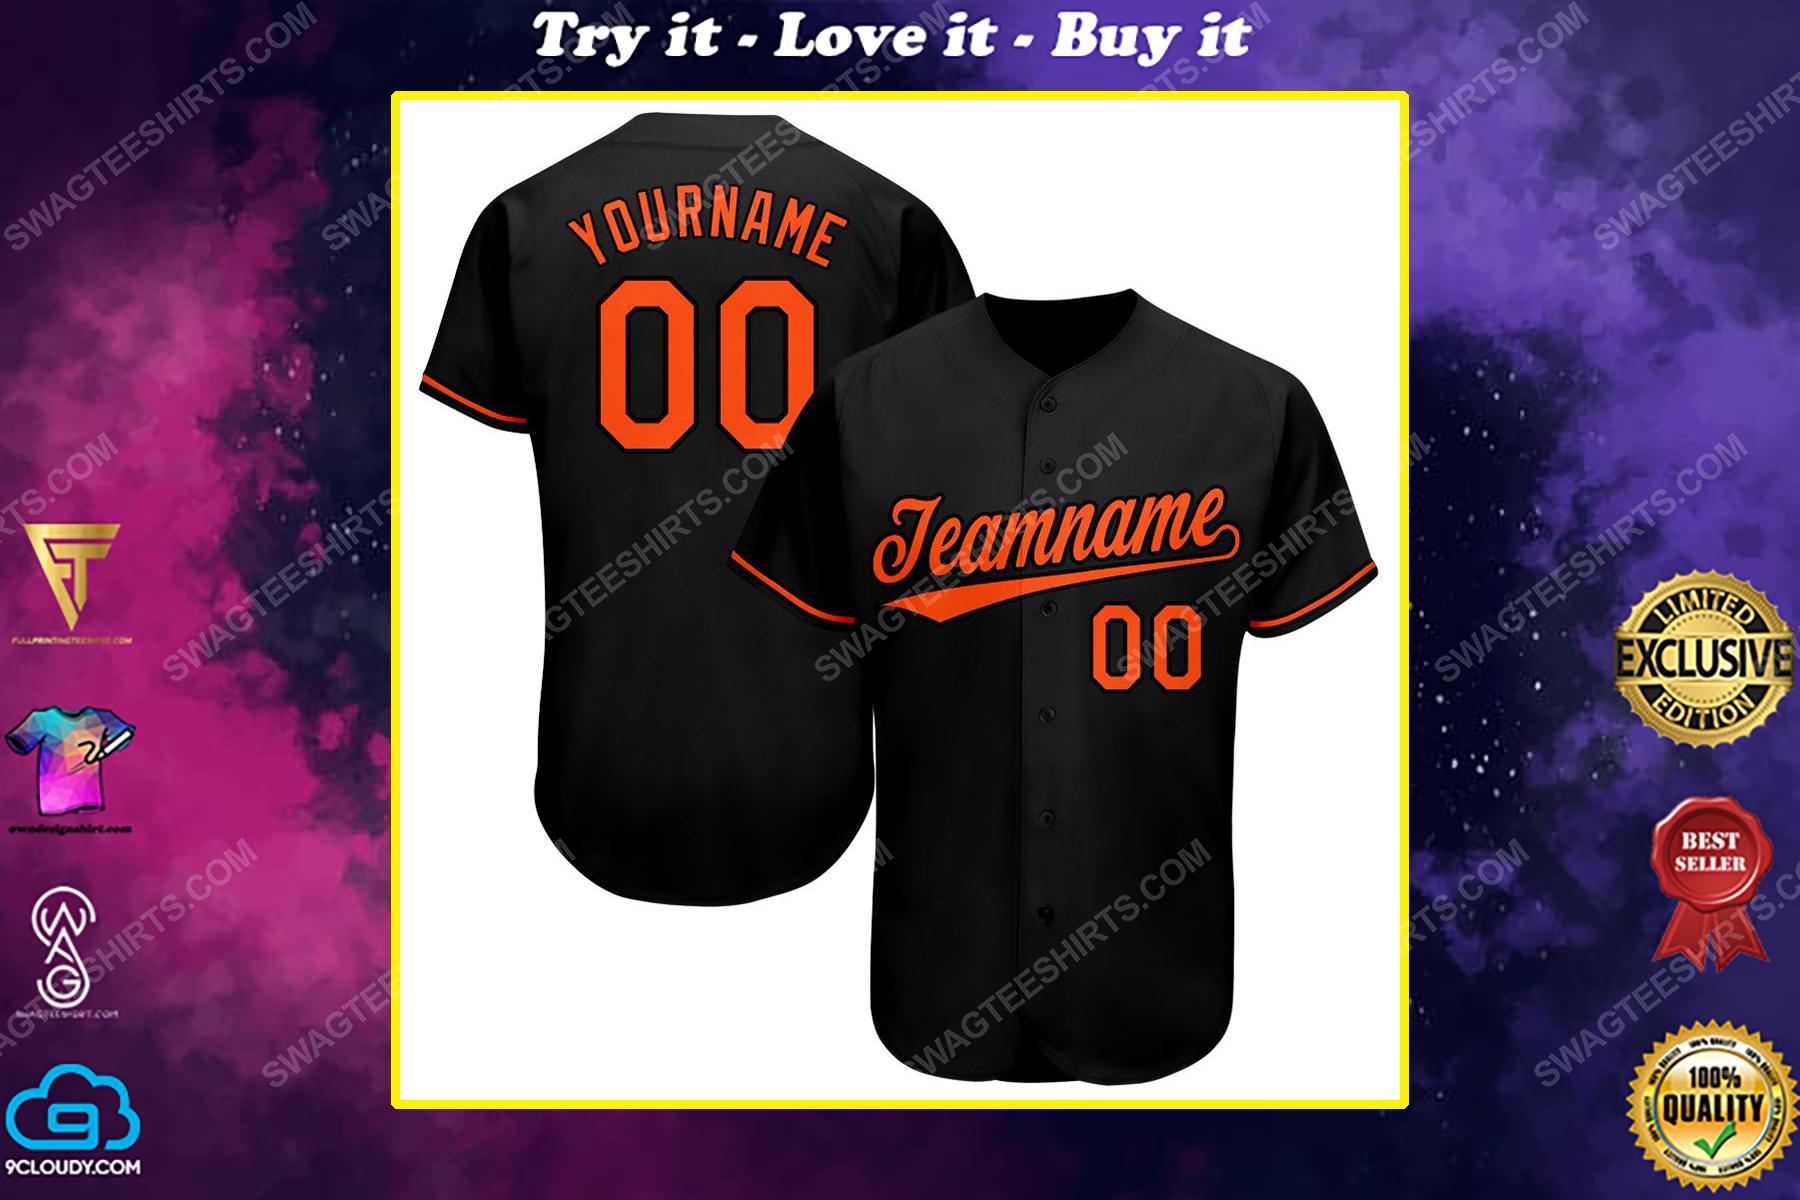 Custom team name baltimore orioles mlb full printed baseball jersey